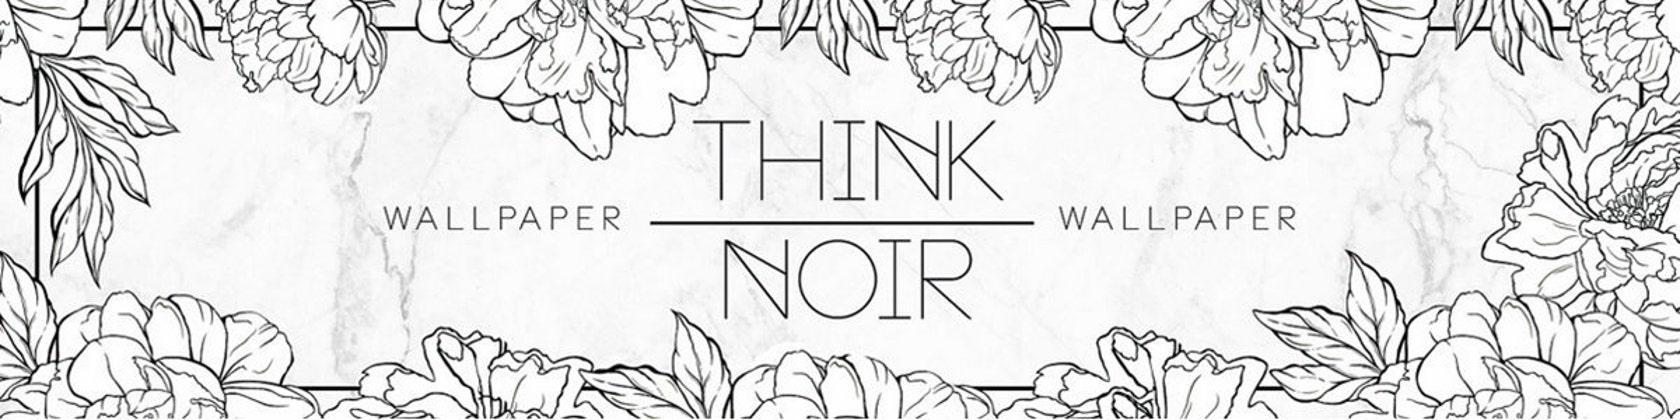 ThinkNoirWallpaper